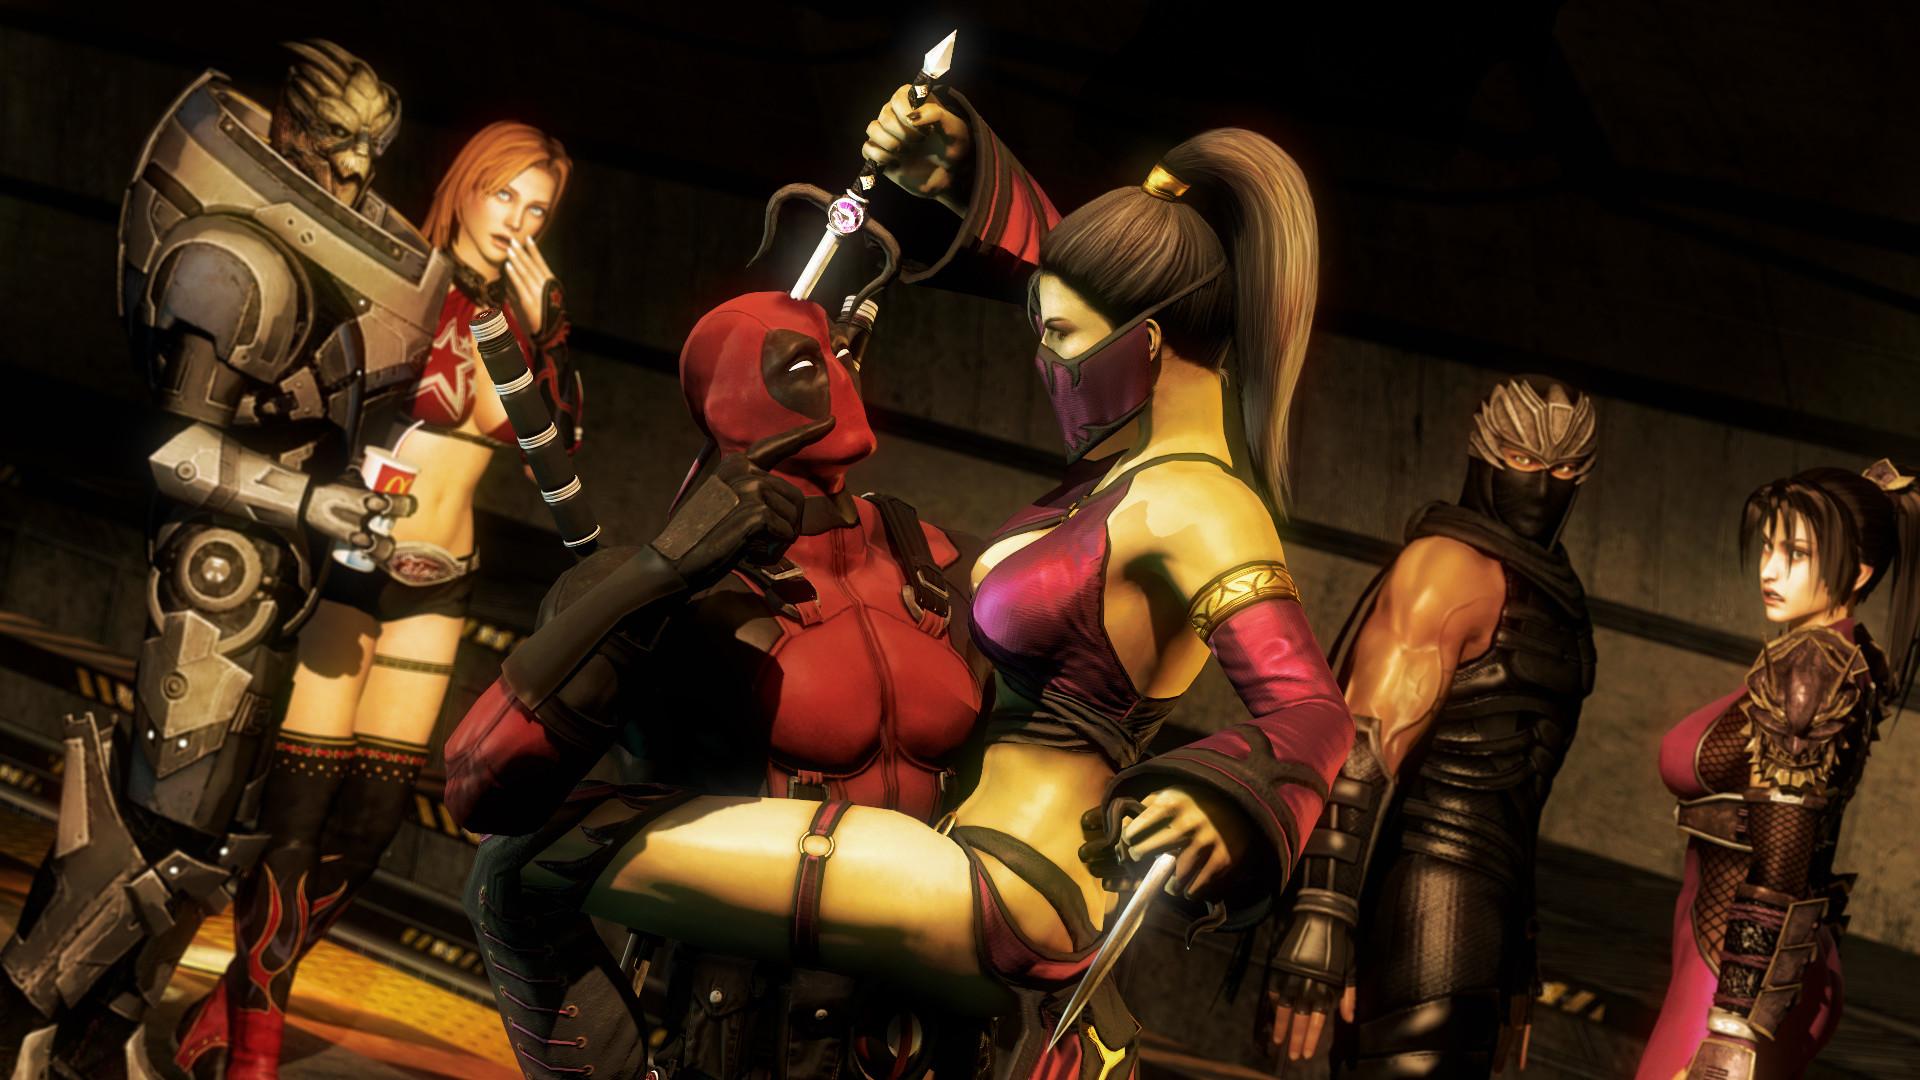 Marvelous Mortal Kombat X Mileena Wallpaper Wallpapersafari Picture Gallery